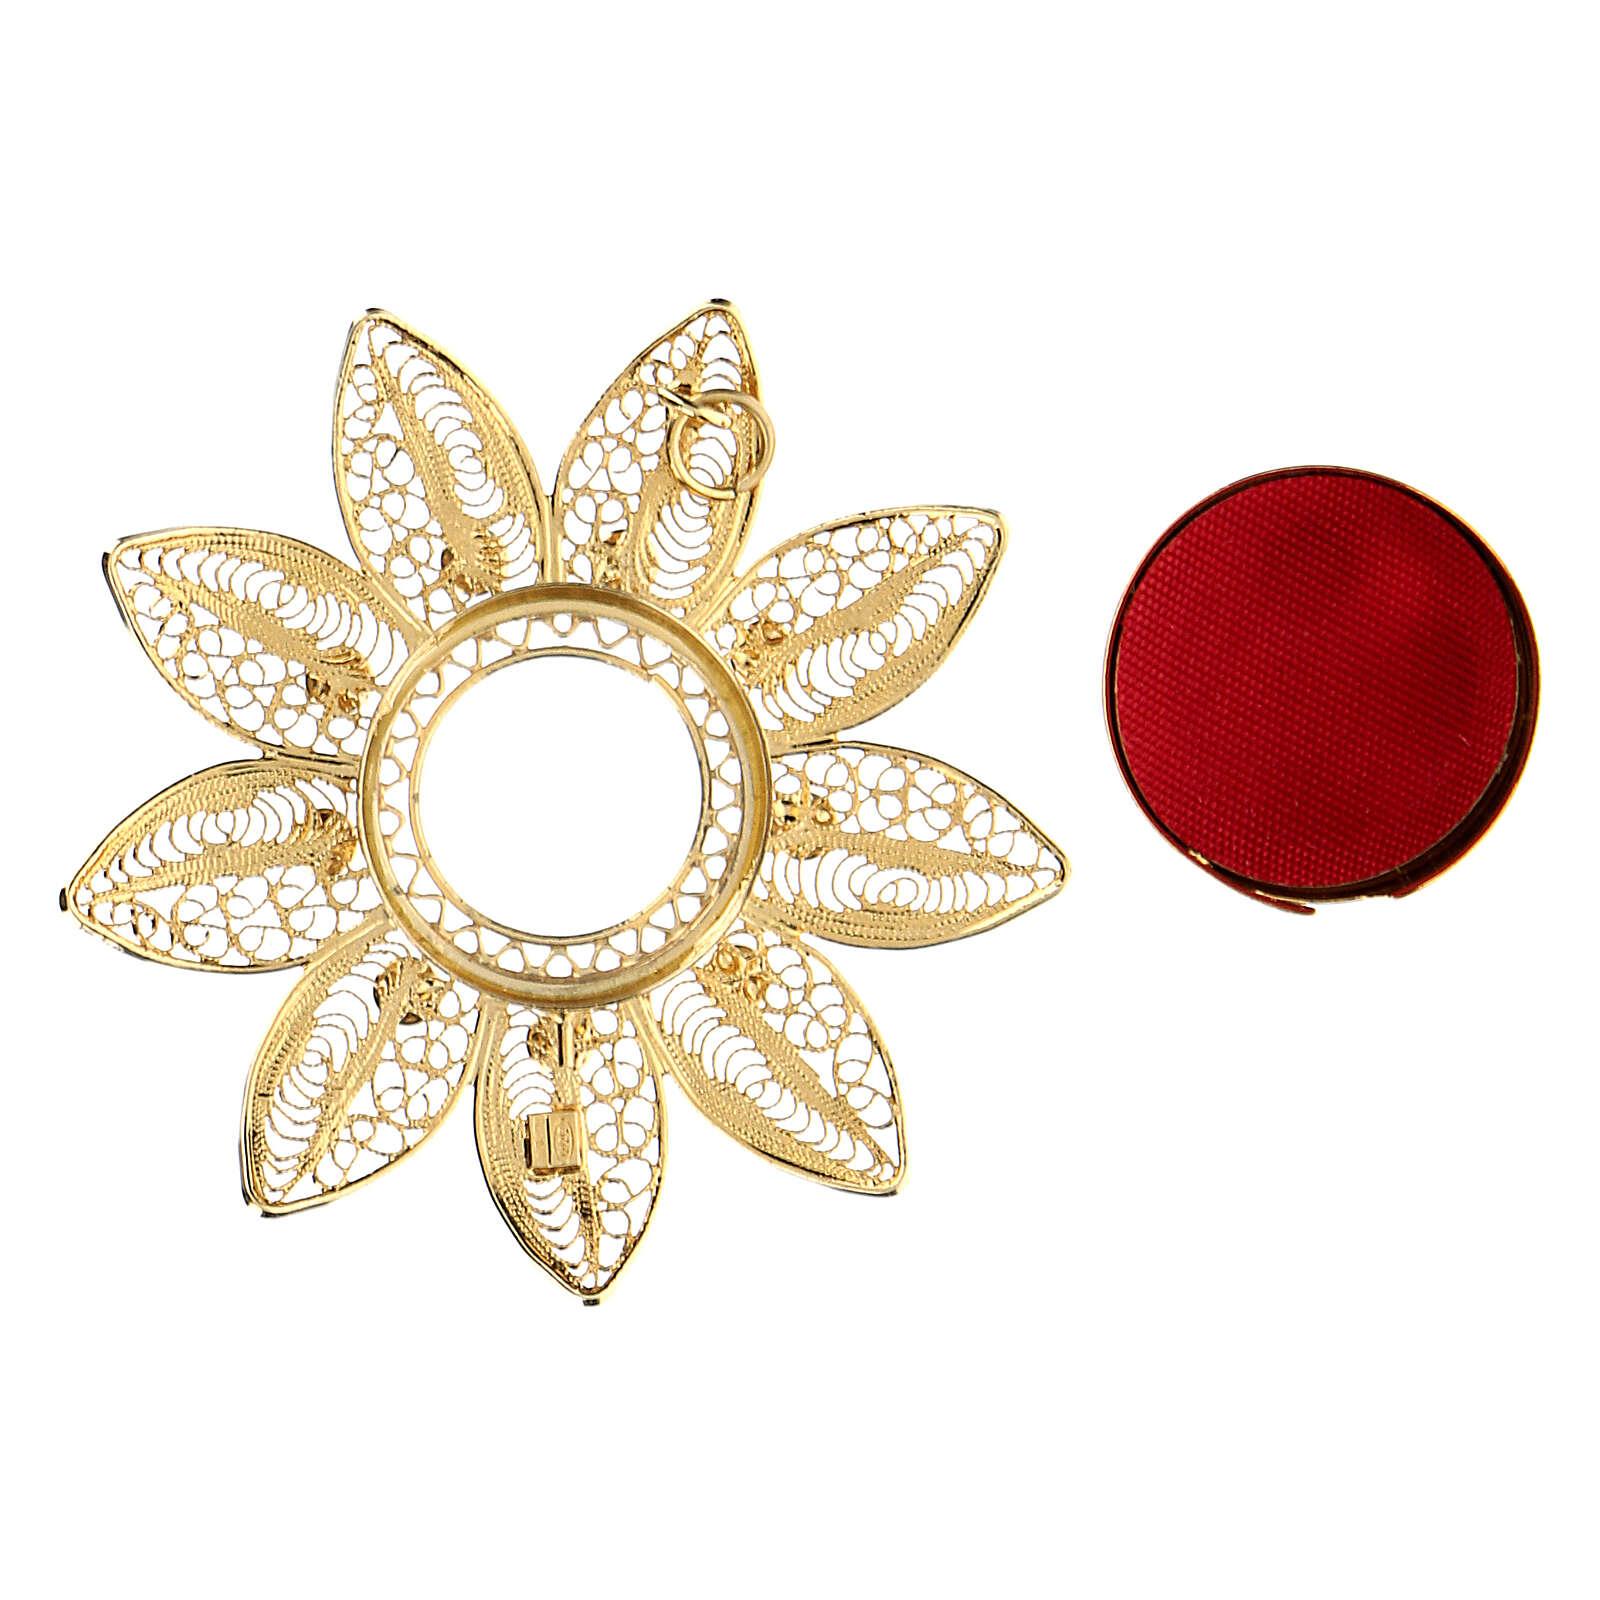 Relicario 5 cm en forma de flor plata dorada piedras rojas 4